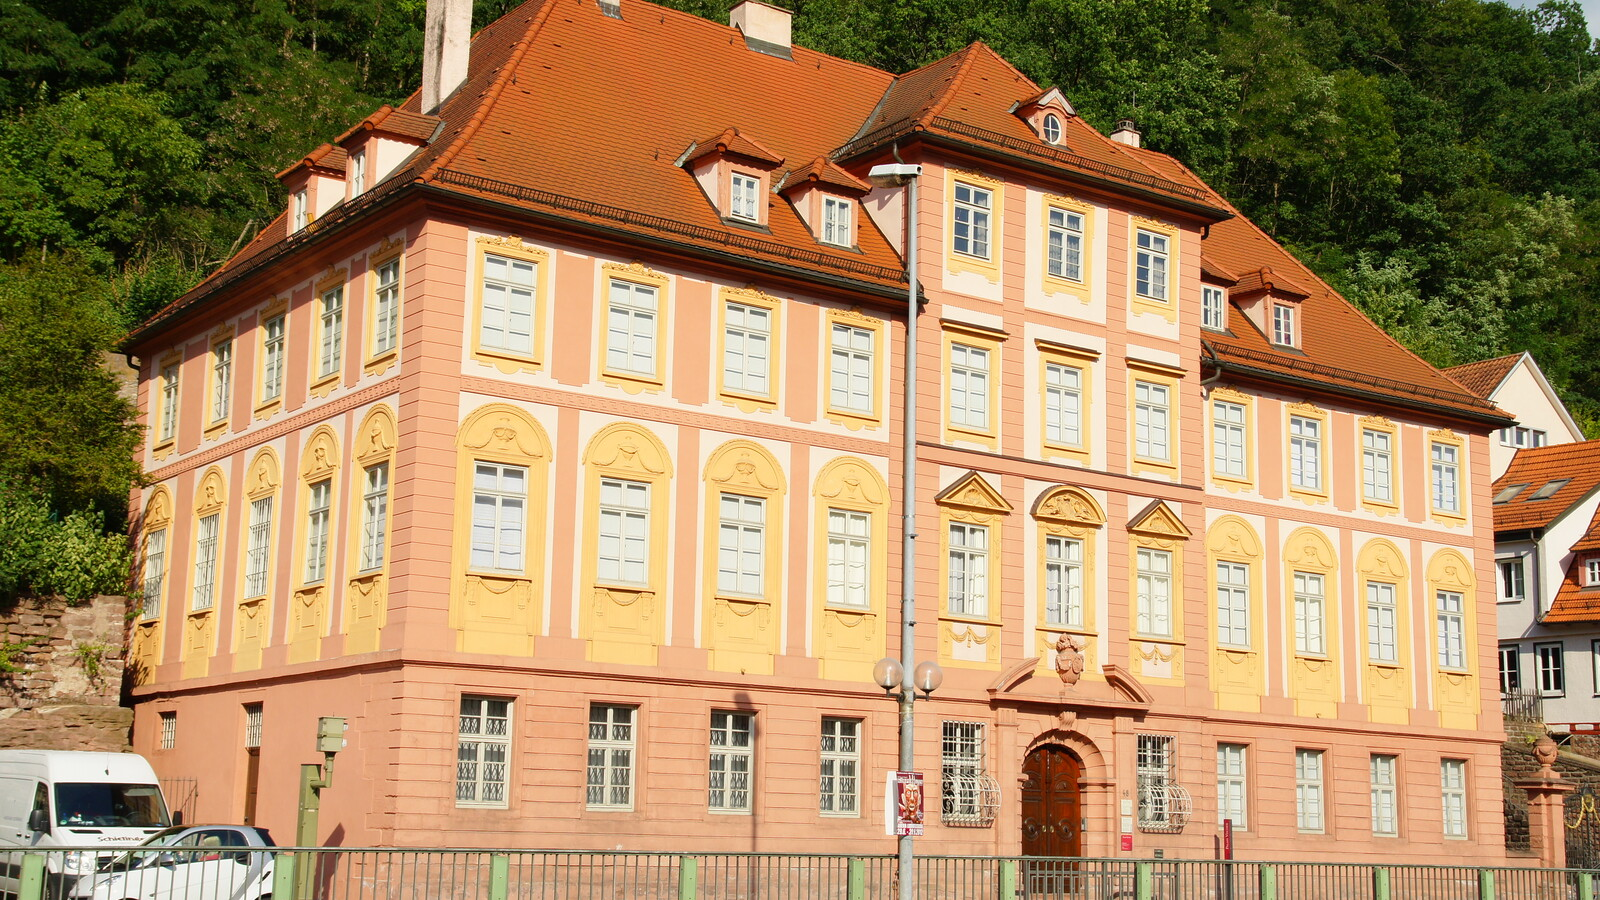 Das Palais Vischer ist eines der wenigen erhalten gebliebenen Privatgebäude nach Entwürfen des Hofbaumeisters Reinhard Ferdinand Heinrich Fischer, der bedeutend für seinen klaren Schwäbischen Klassizismus war. Heute beherbergt das Palais das Museum der Stadt Calw.